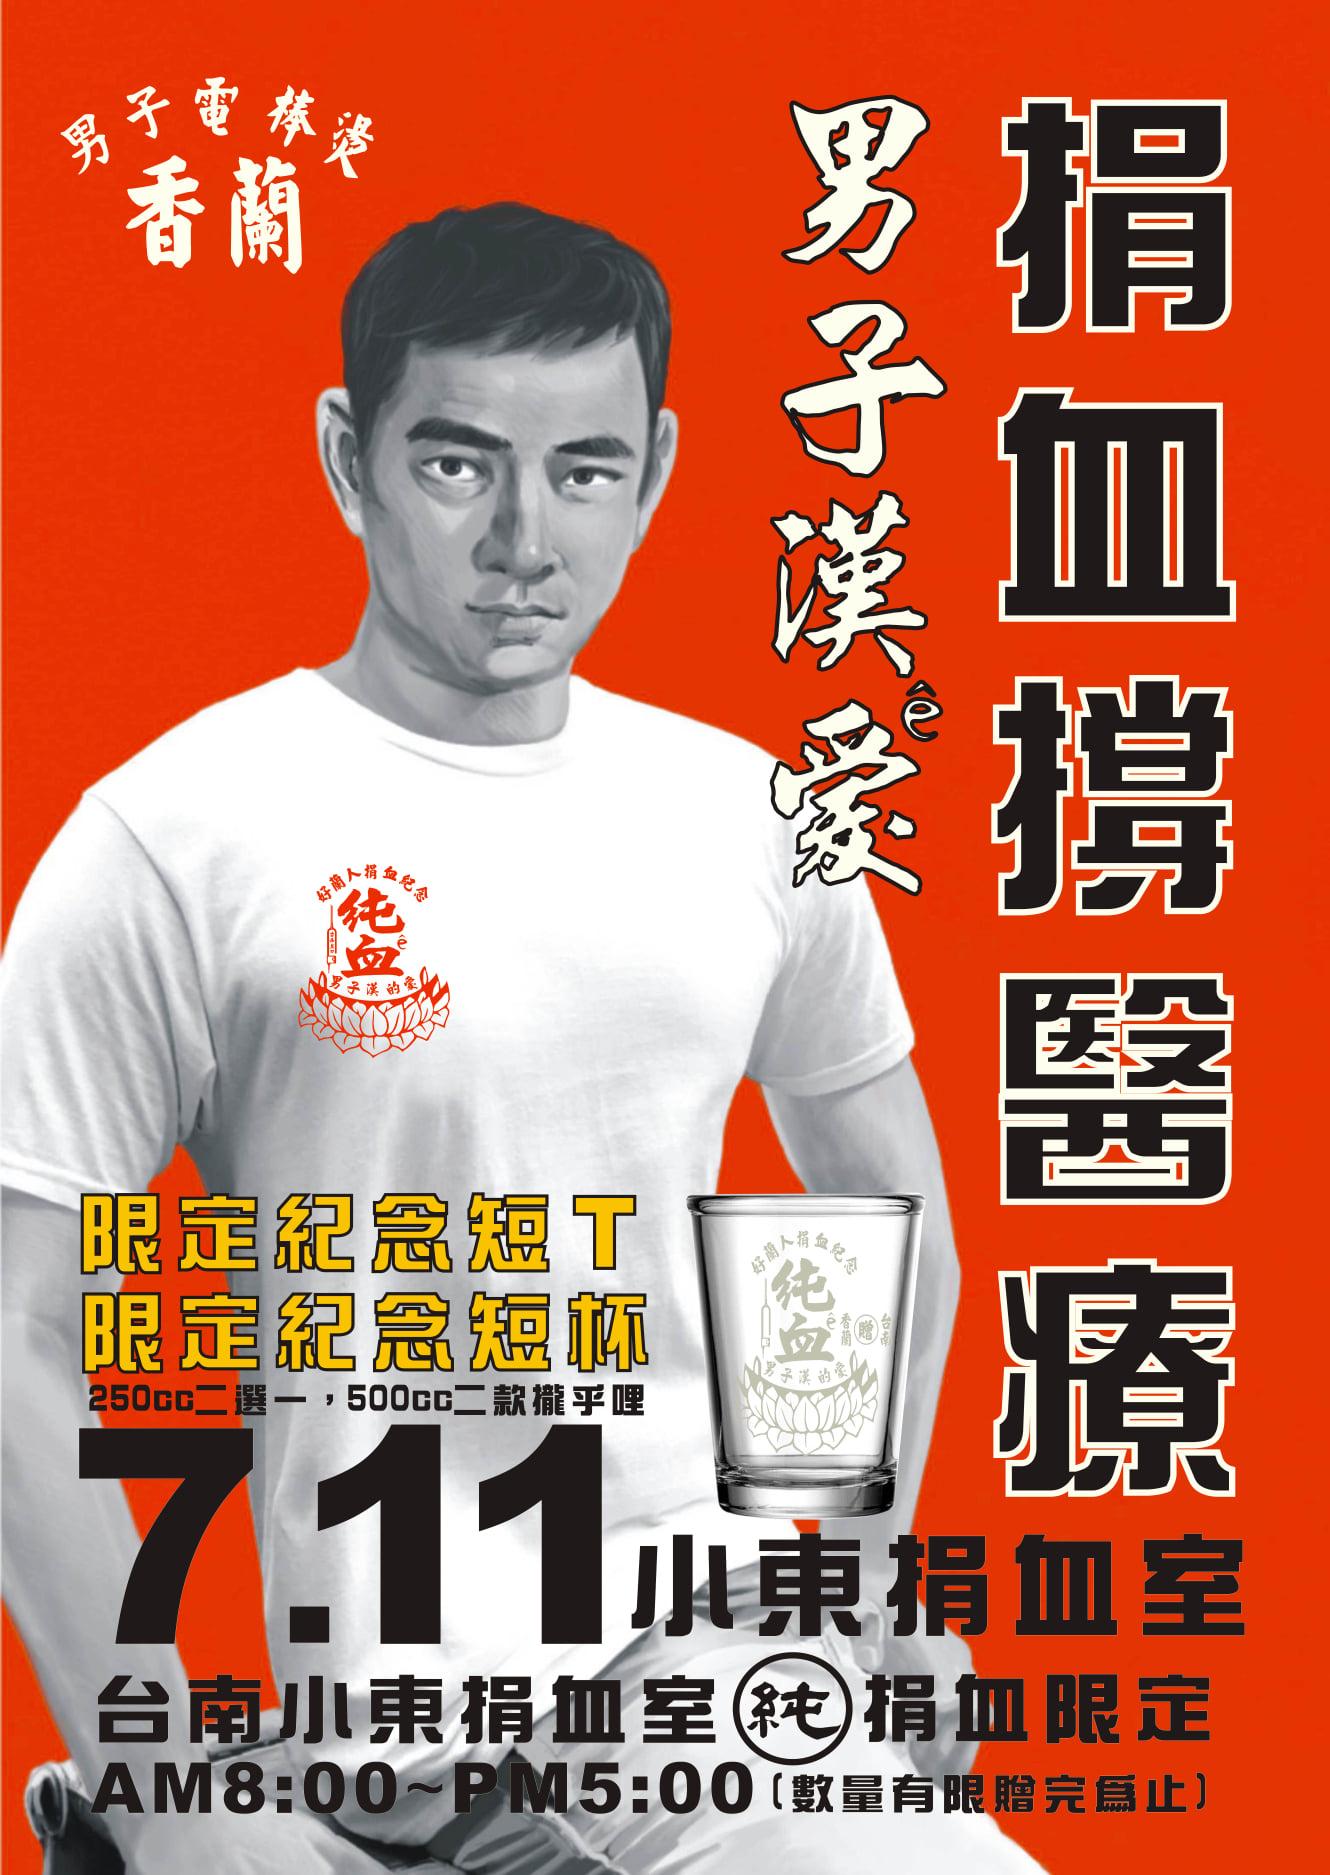 [情報] 7/11(一)男子漢e愛/台南小東捐血室